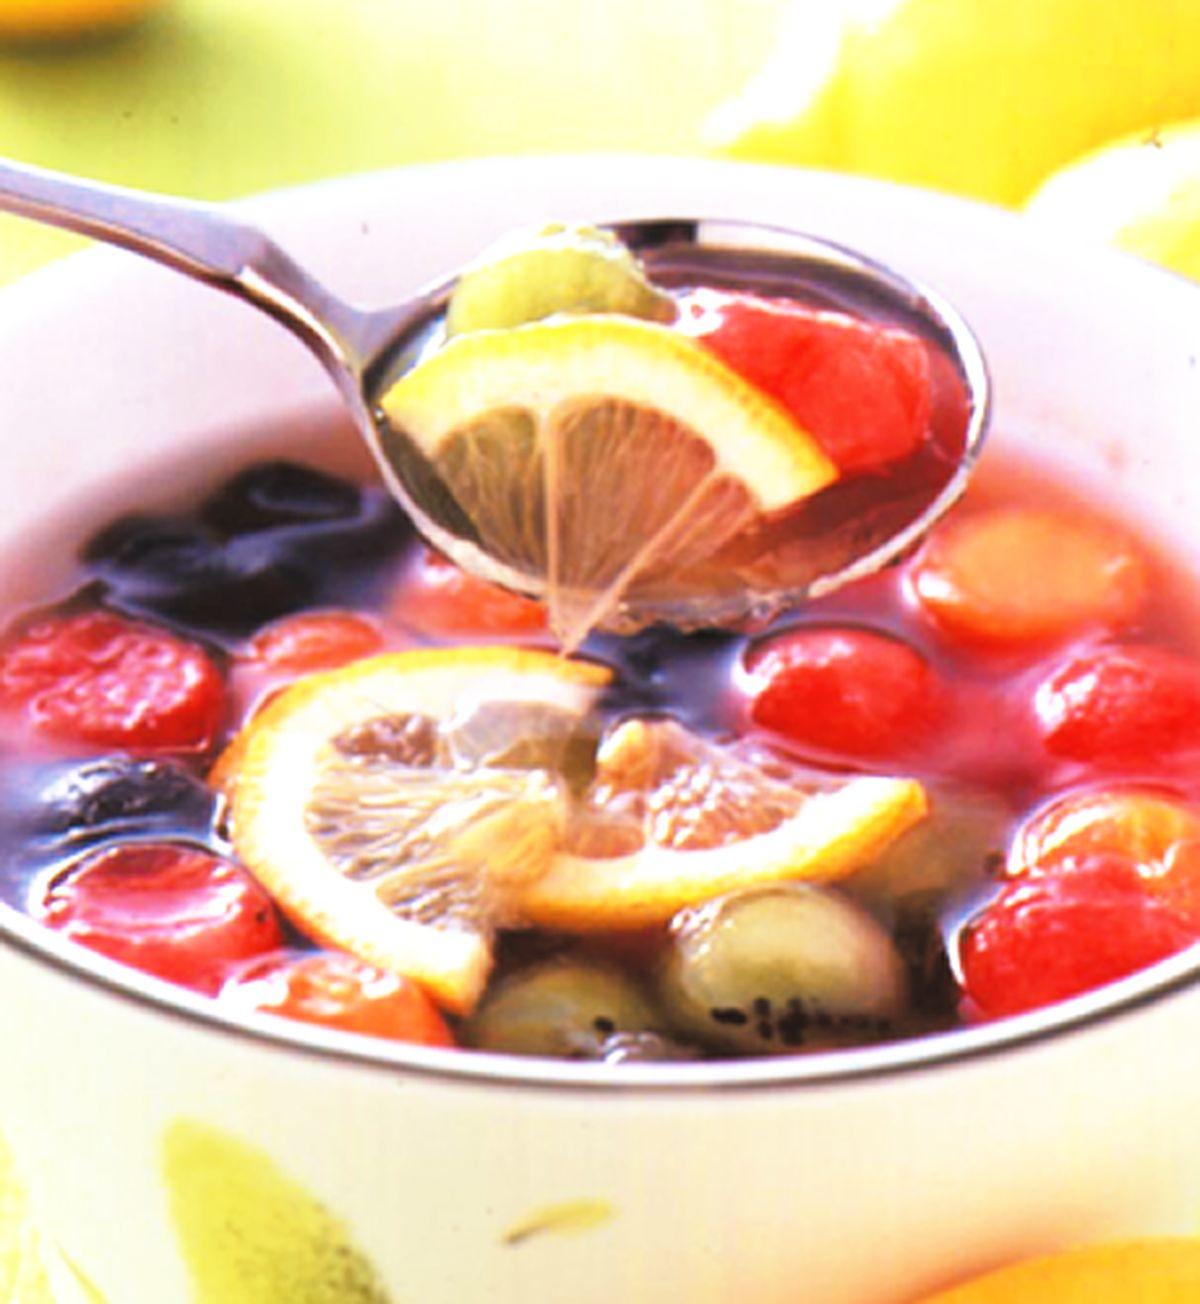 食譜:仙草黃檸檬水果凍